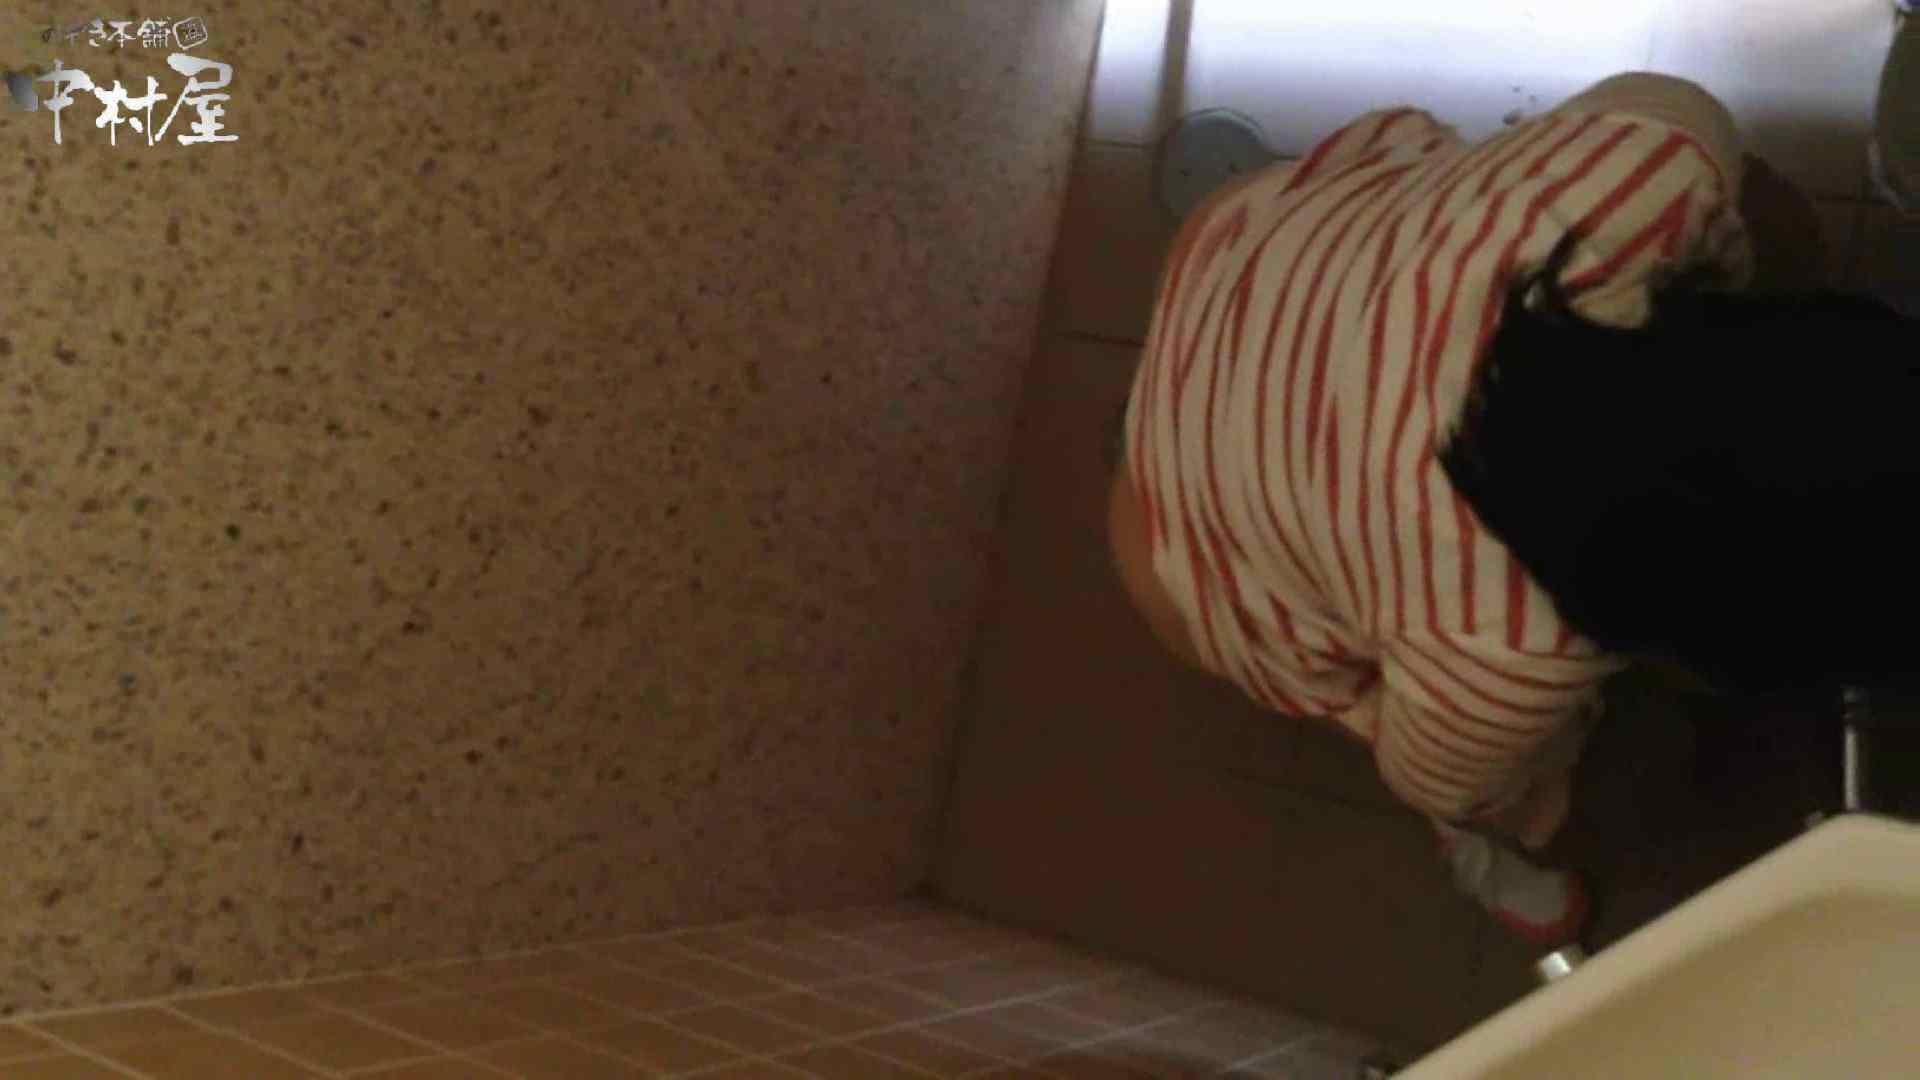 部活女子トイレ潜入編vol.5 ガールの盗撮 オマンコ動画キャプチャ 84枚